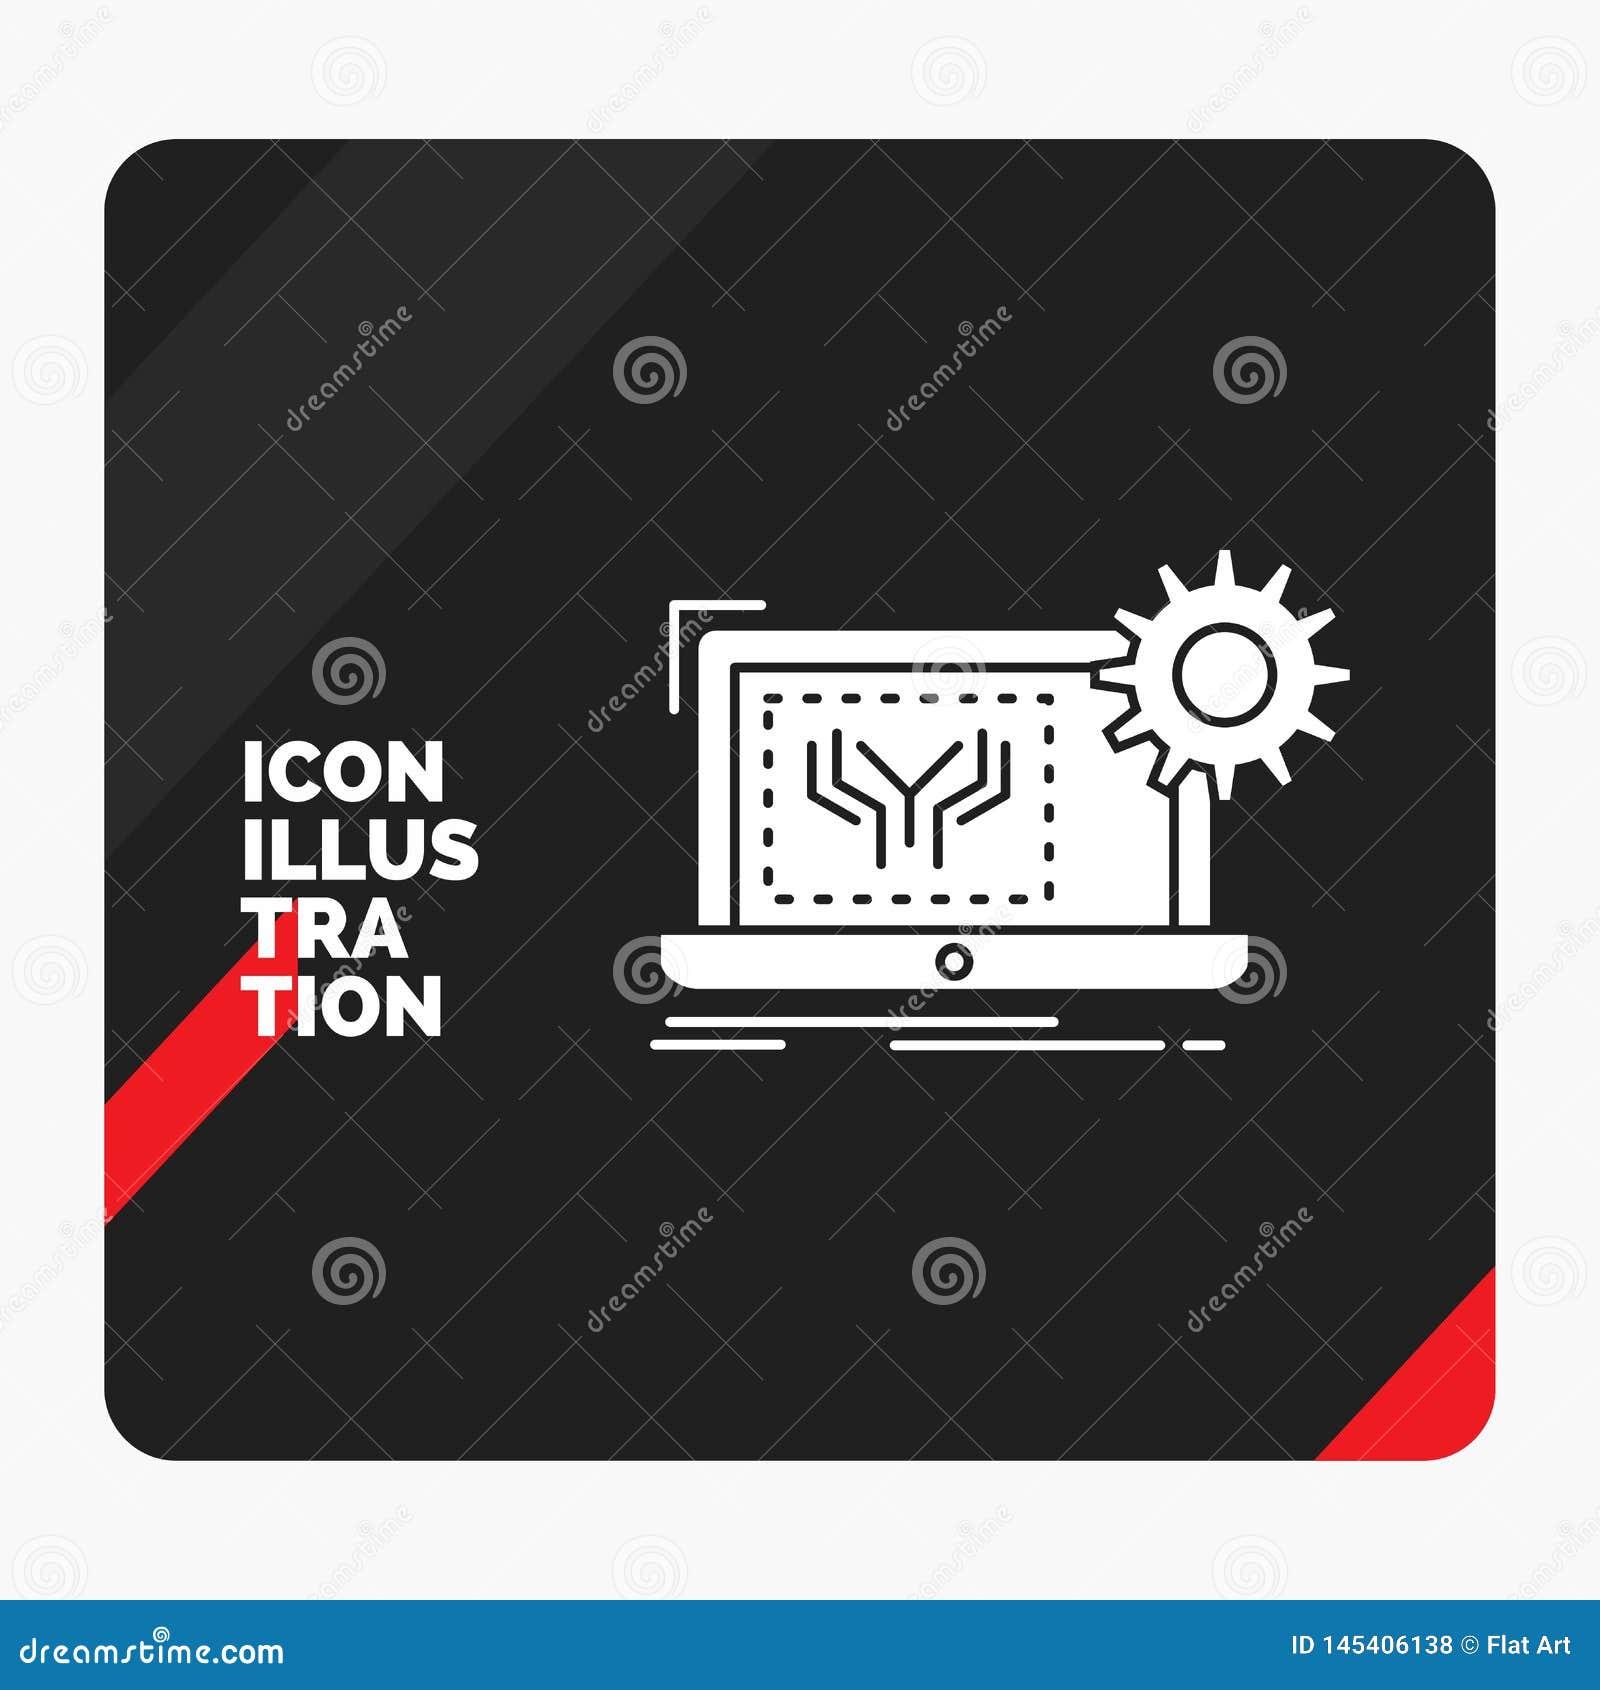 Röd och svart idérik presentationsbakgrund för ritningen, strömkrets, elektronik, teknik, maskinvaruskårasymbol